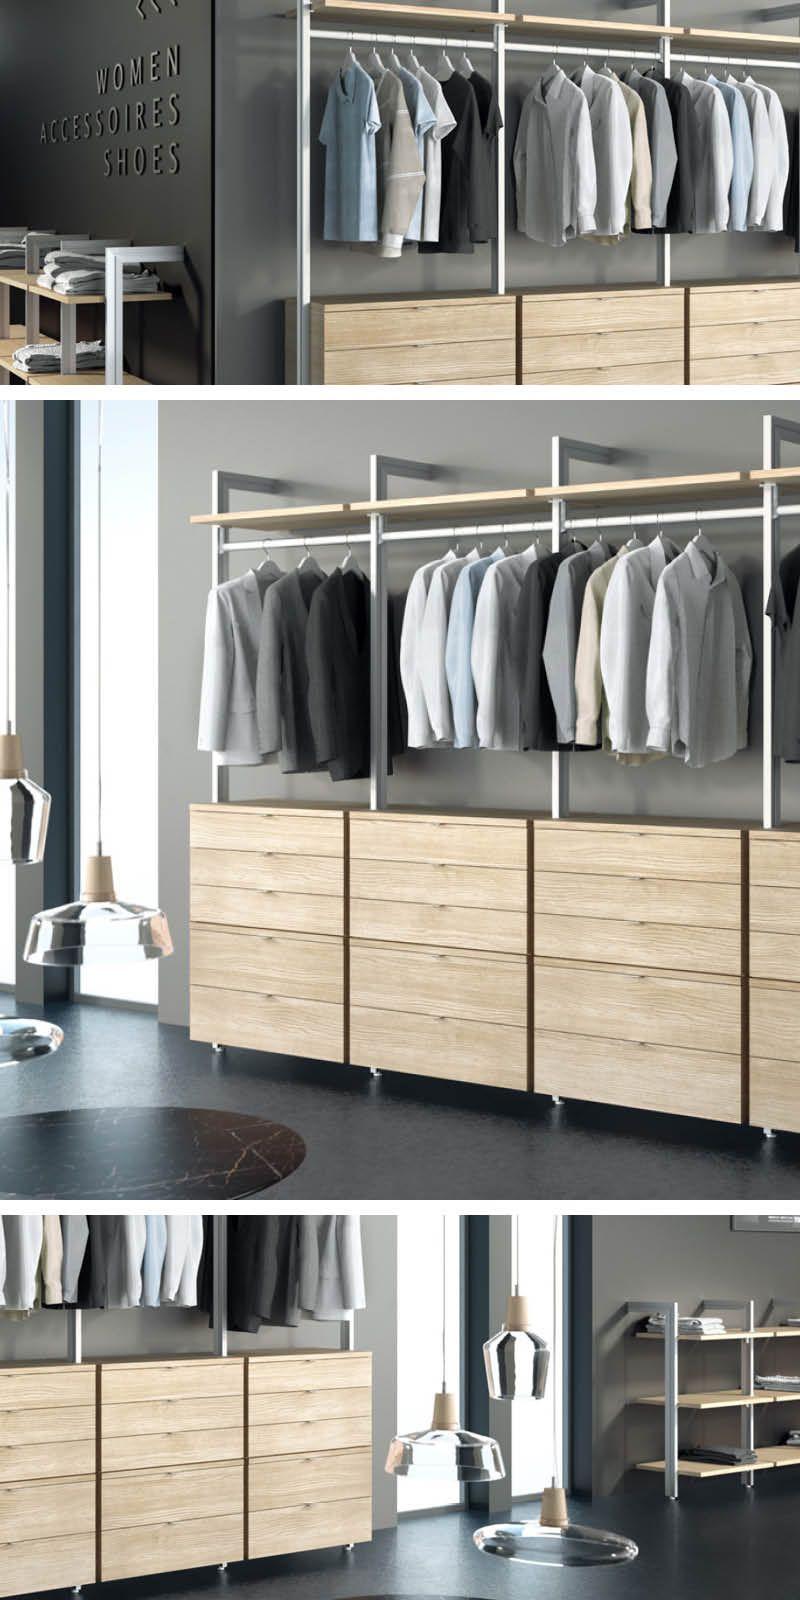 Ankleidezimmer Eigenes Design Planen Mit Clos It Regalraum Regalsysteme Kleiderschrank Kleiderschrank Kleiderschrank Ideen